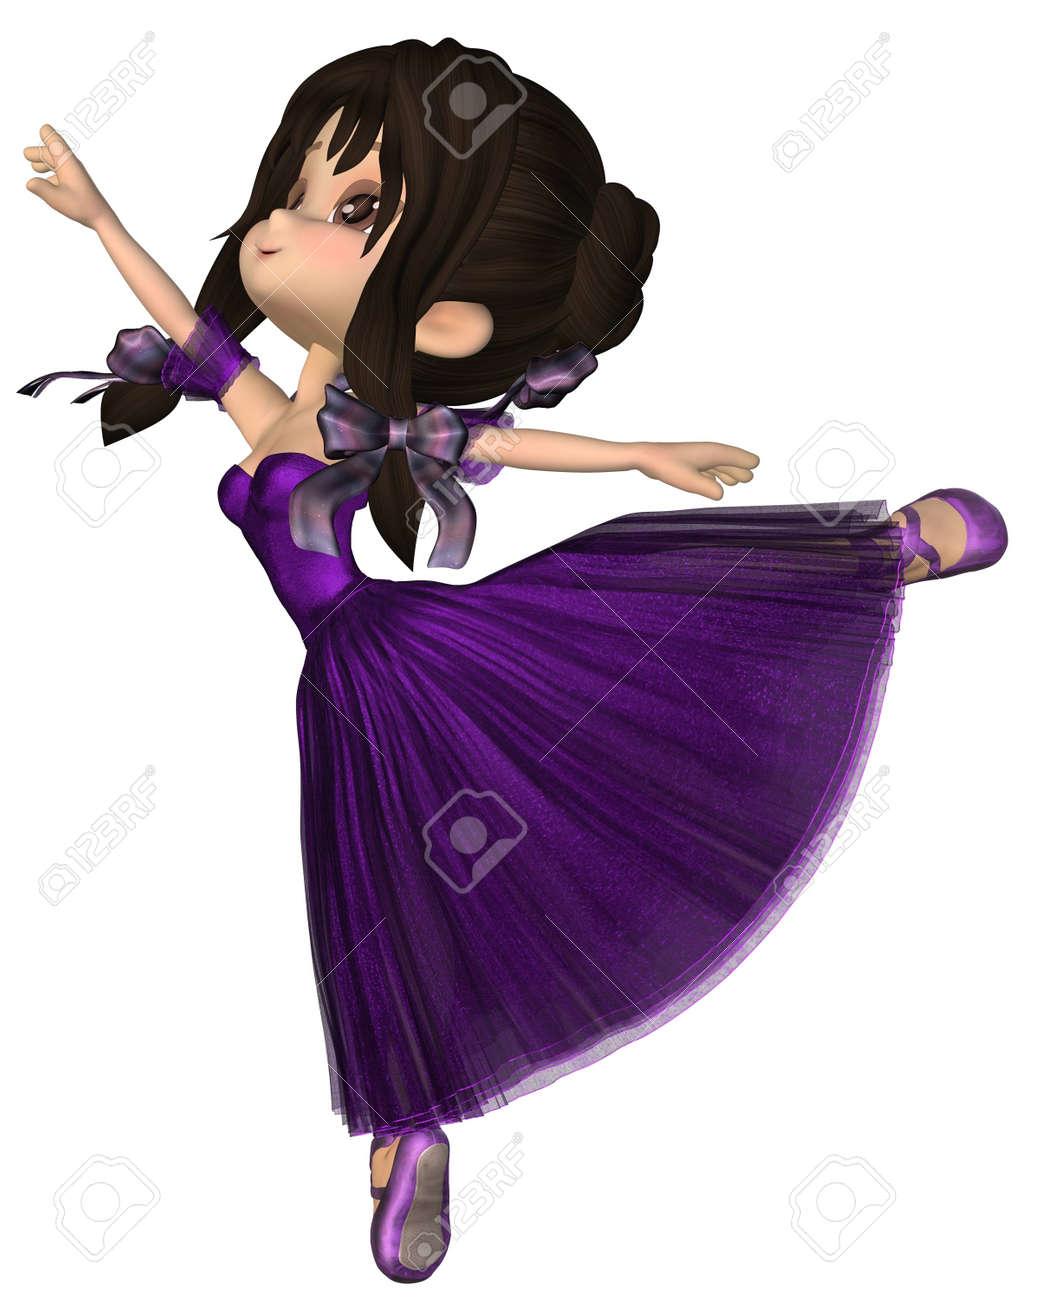 Púrpura Ilustración Un Estilo Una Tutú Toon Ballet Con Rindió Falda Vistiendo Del Archivo Digital 3d De Foto La Linda Larga Bailarina Romántico pxfqWC8wR6